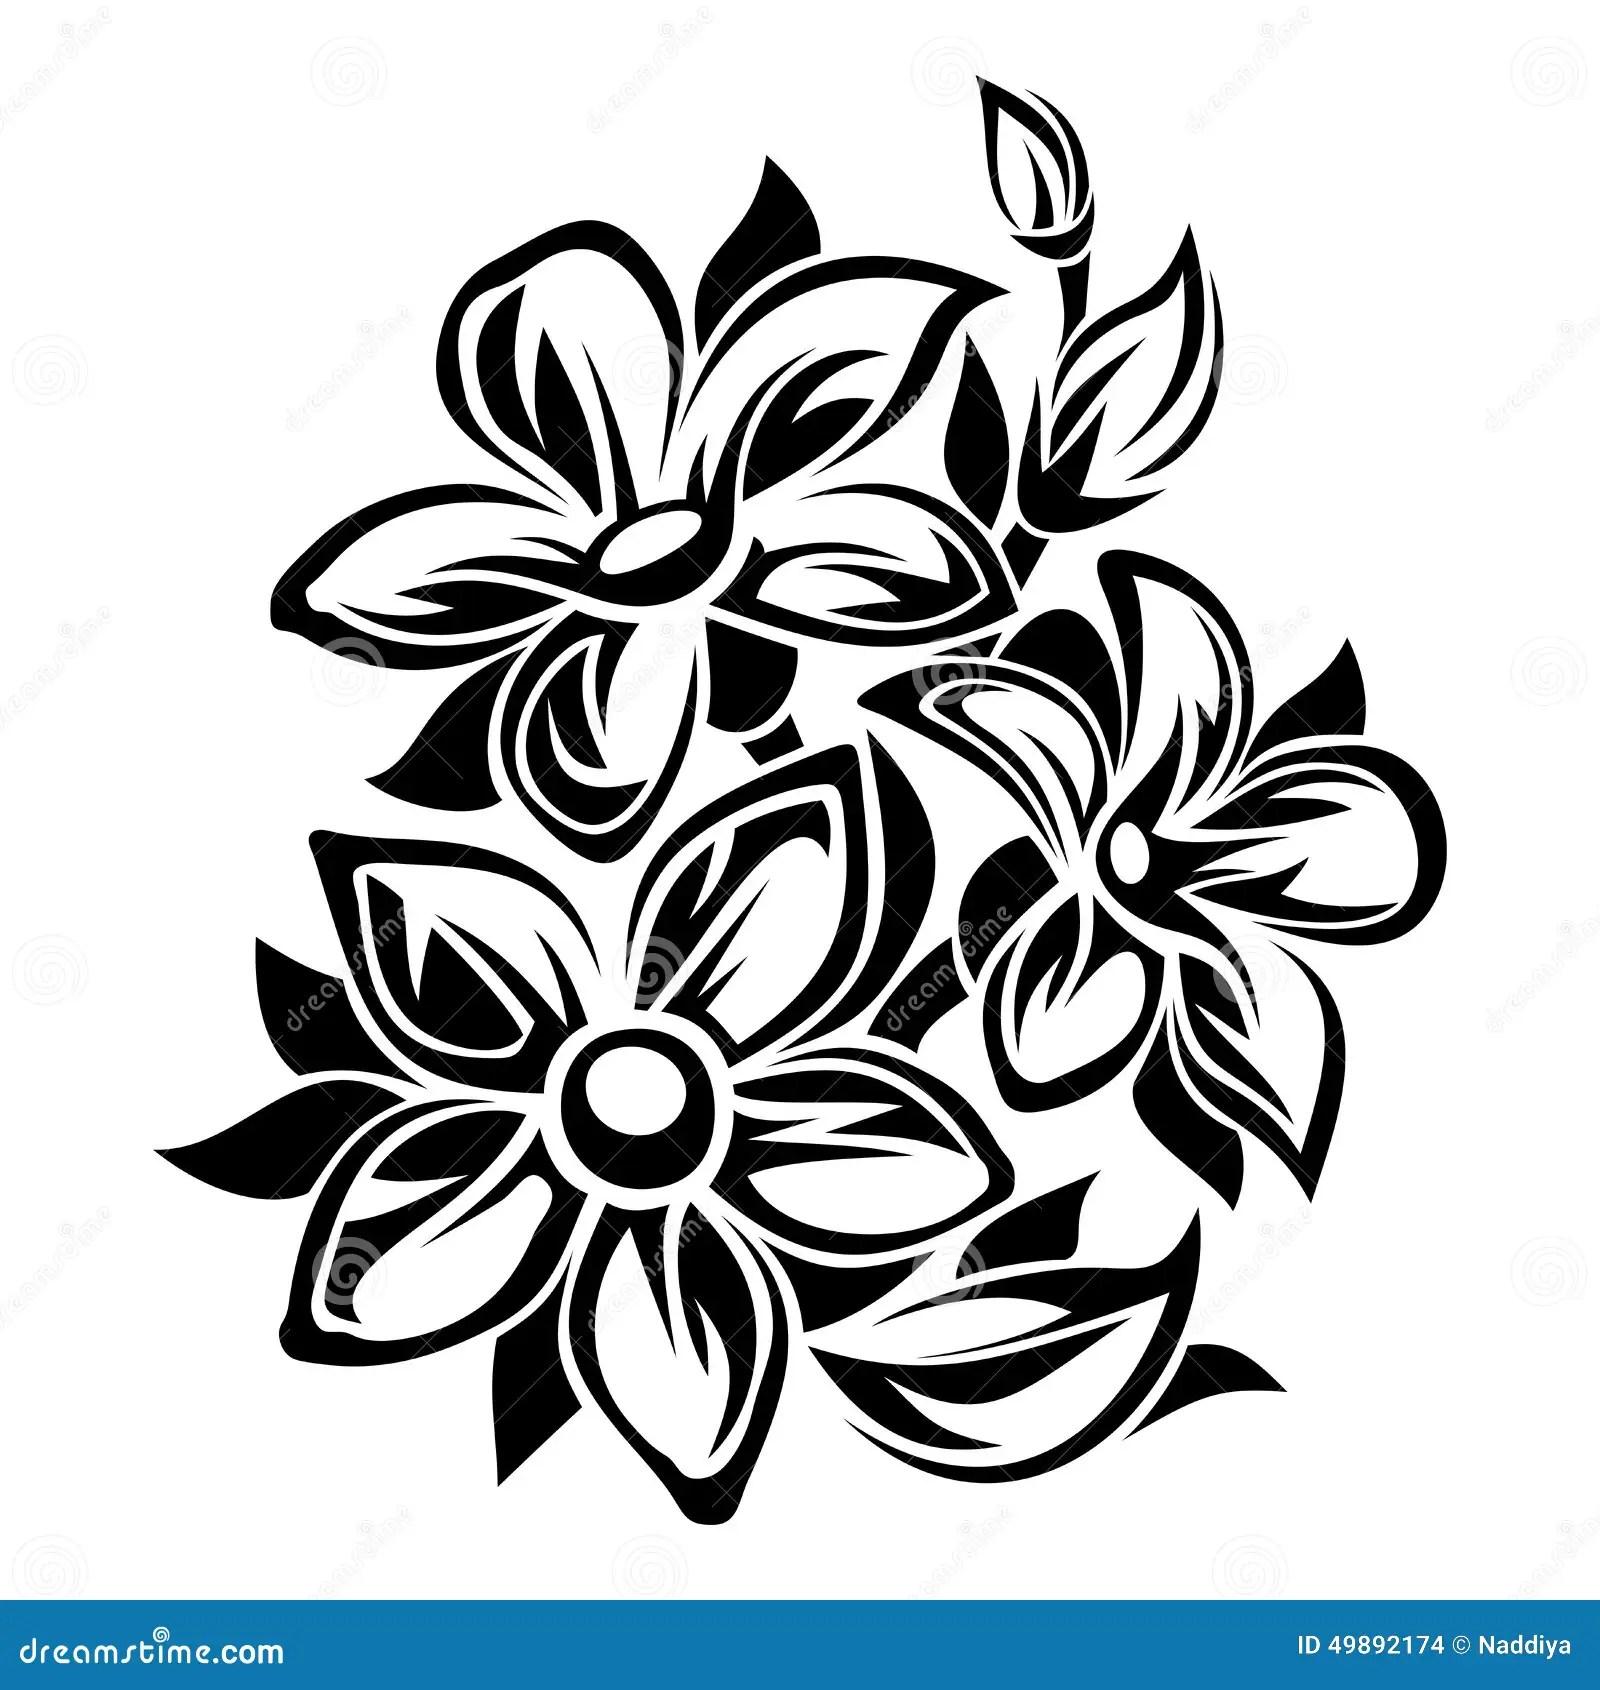 Floresce O Ornamento Preto E Branco Ilustracao Do Vetor